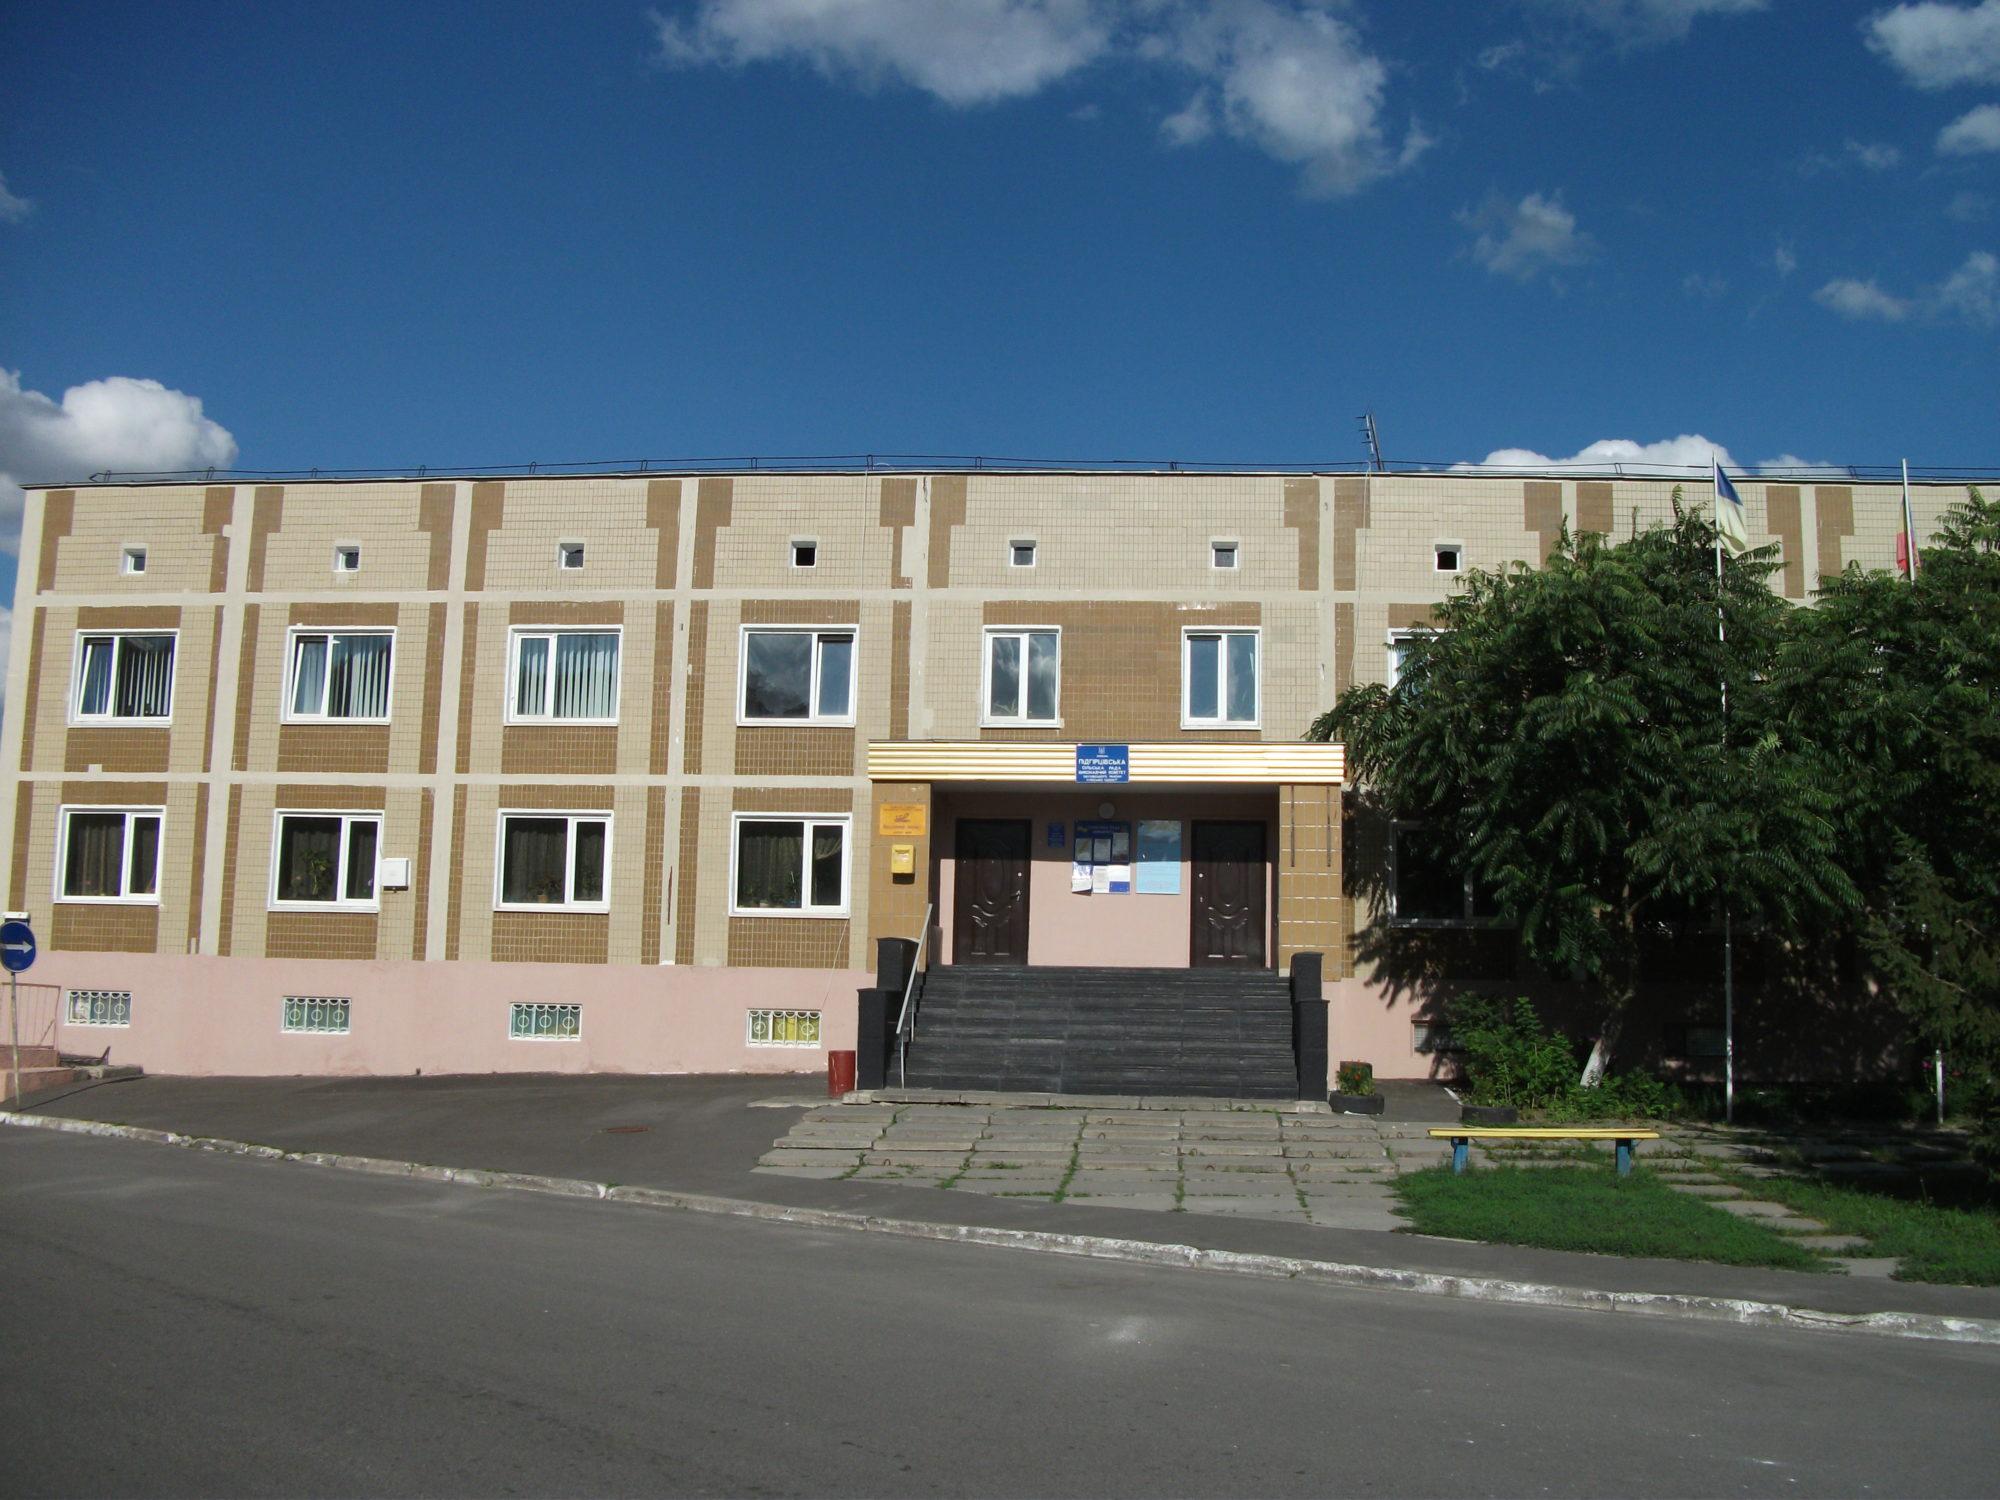 Колишнього голову села, що на Обухівщині підозрюють в розтраті бюджетних грошей -  - Pidhirci silrada 2000x1500